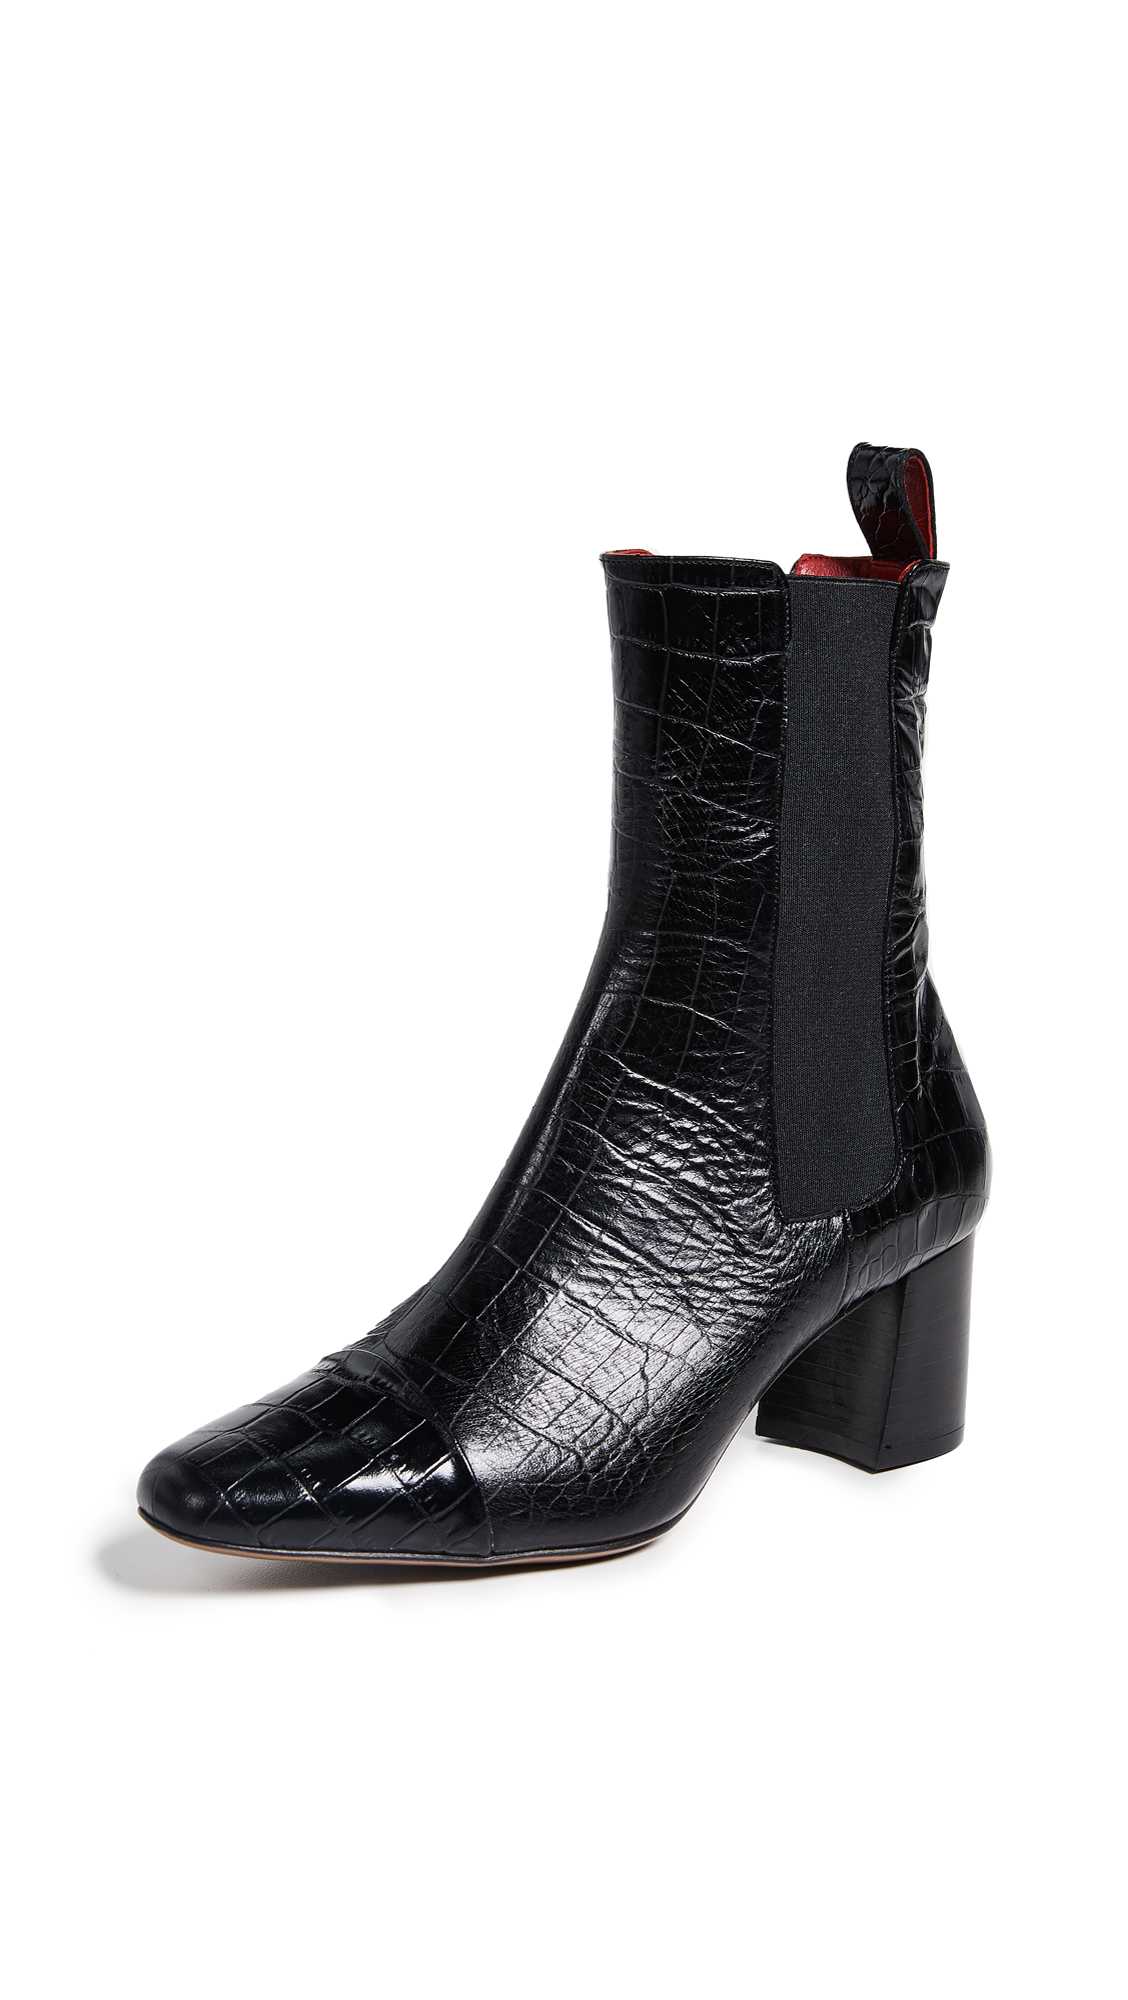 Trademark Delphine Booties - Black